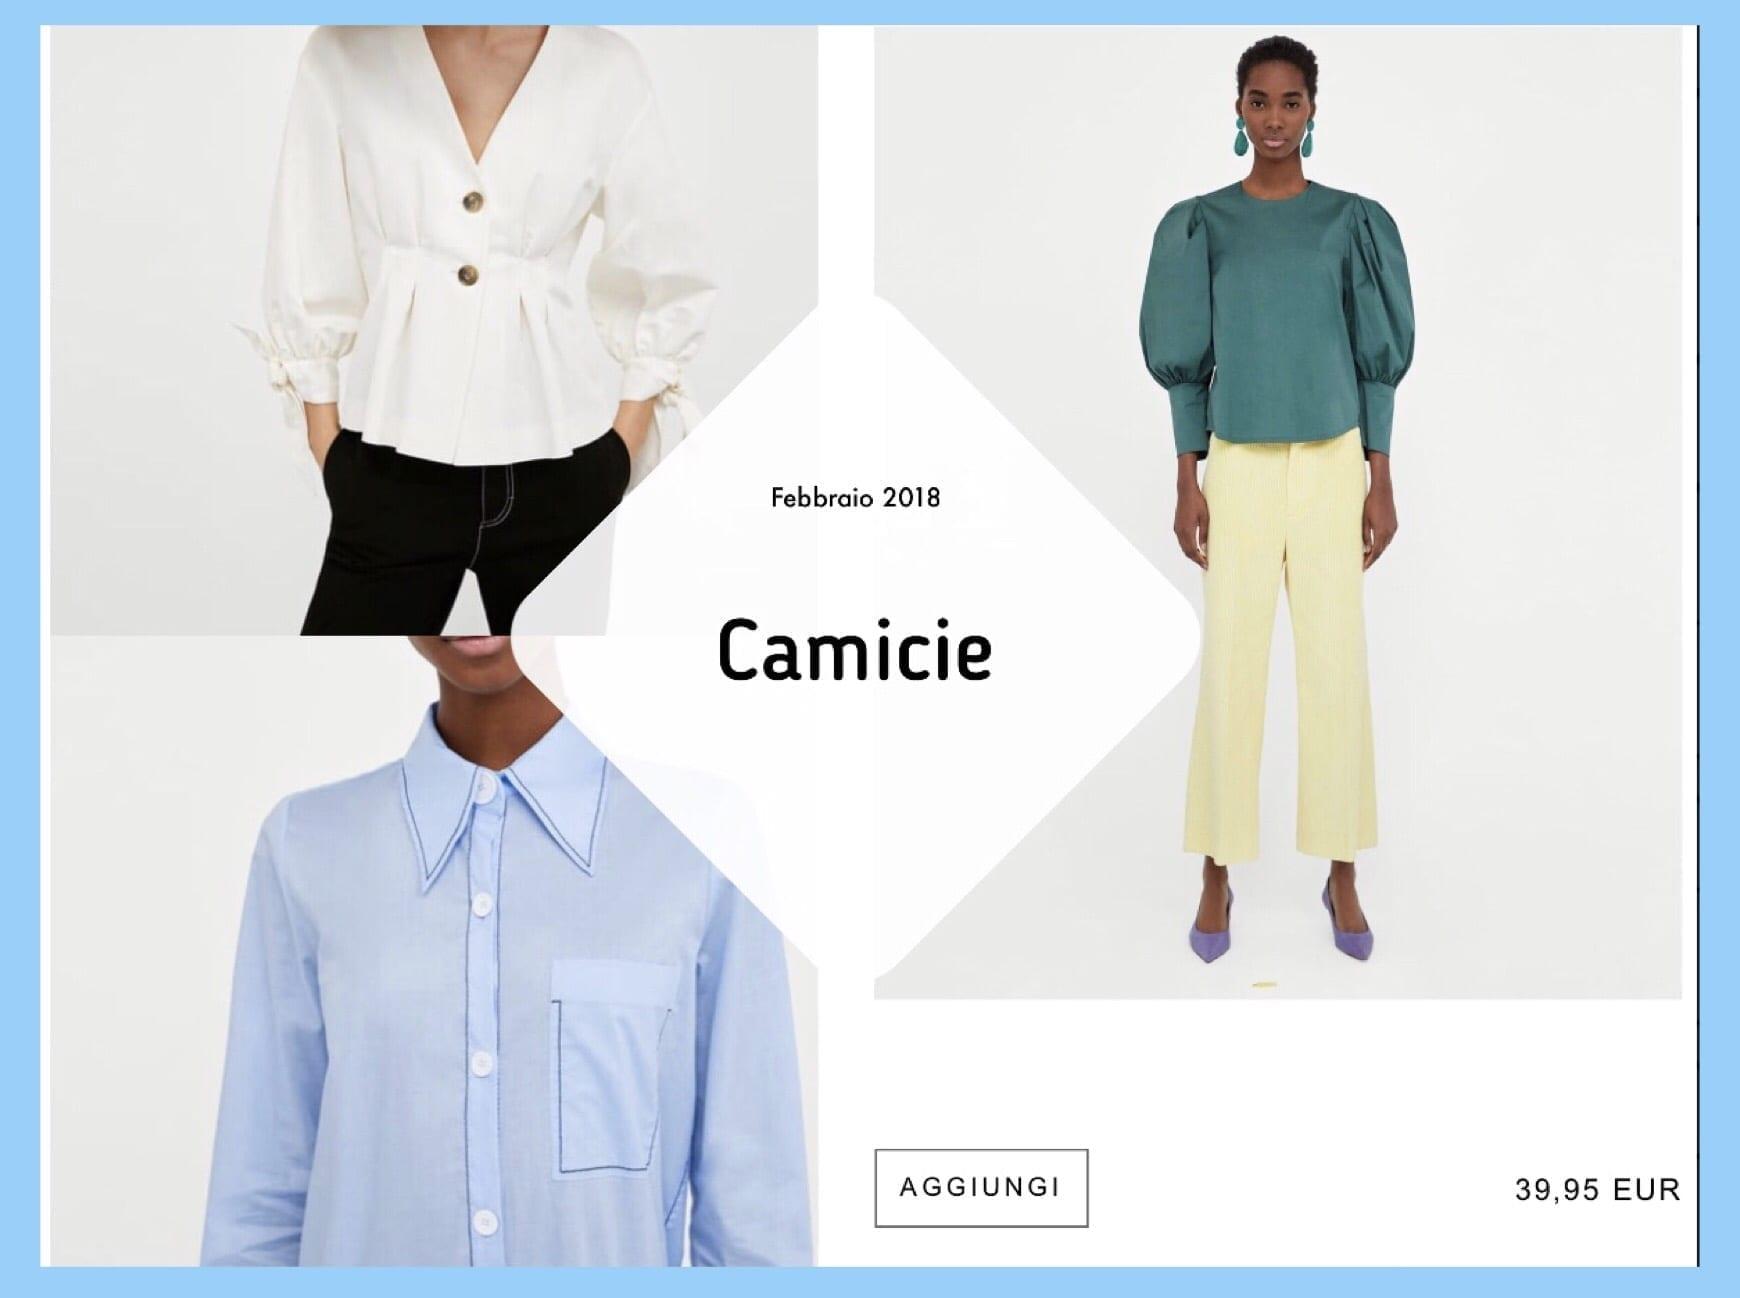 Febbraio 2018, cosa comprare zara adesso 2018, nuovi arrivi zara 2018, cosa va di moda adesso, cosa mi metto domani, come vestirsi aperitivo milano, marsupio come si mette, come indossare il marsupio, marsupio zara, theladycracy.it, elisa bellino, fashion blogger italia 2018, blogger italiane più seguite 2018, street style outfit 2018